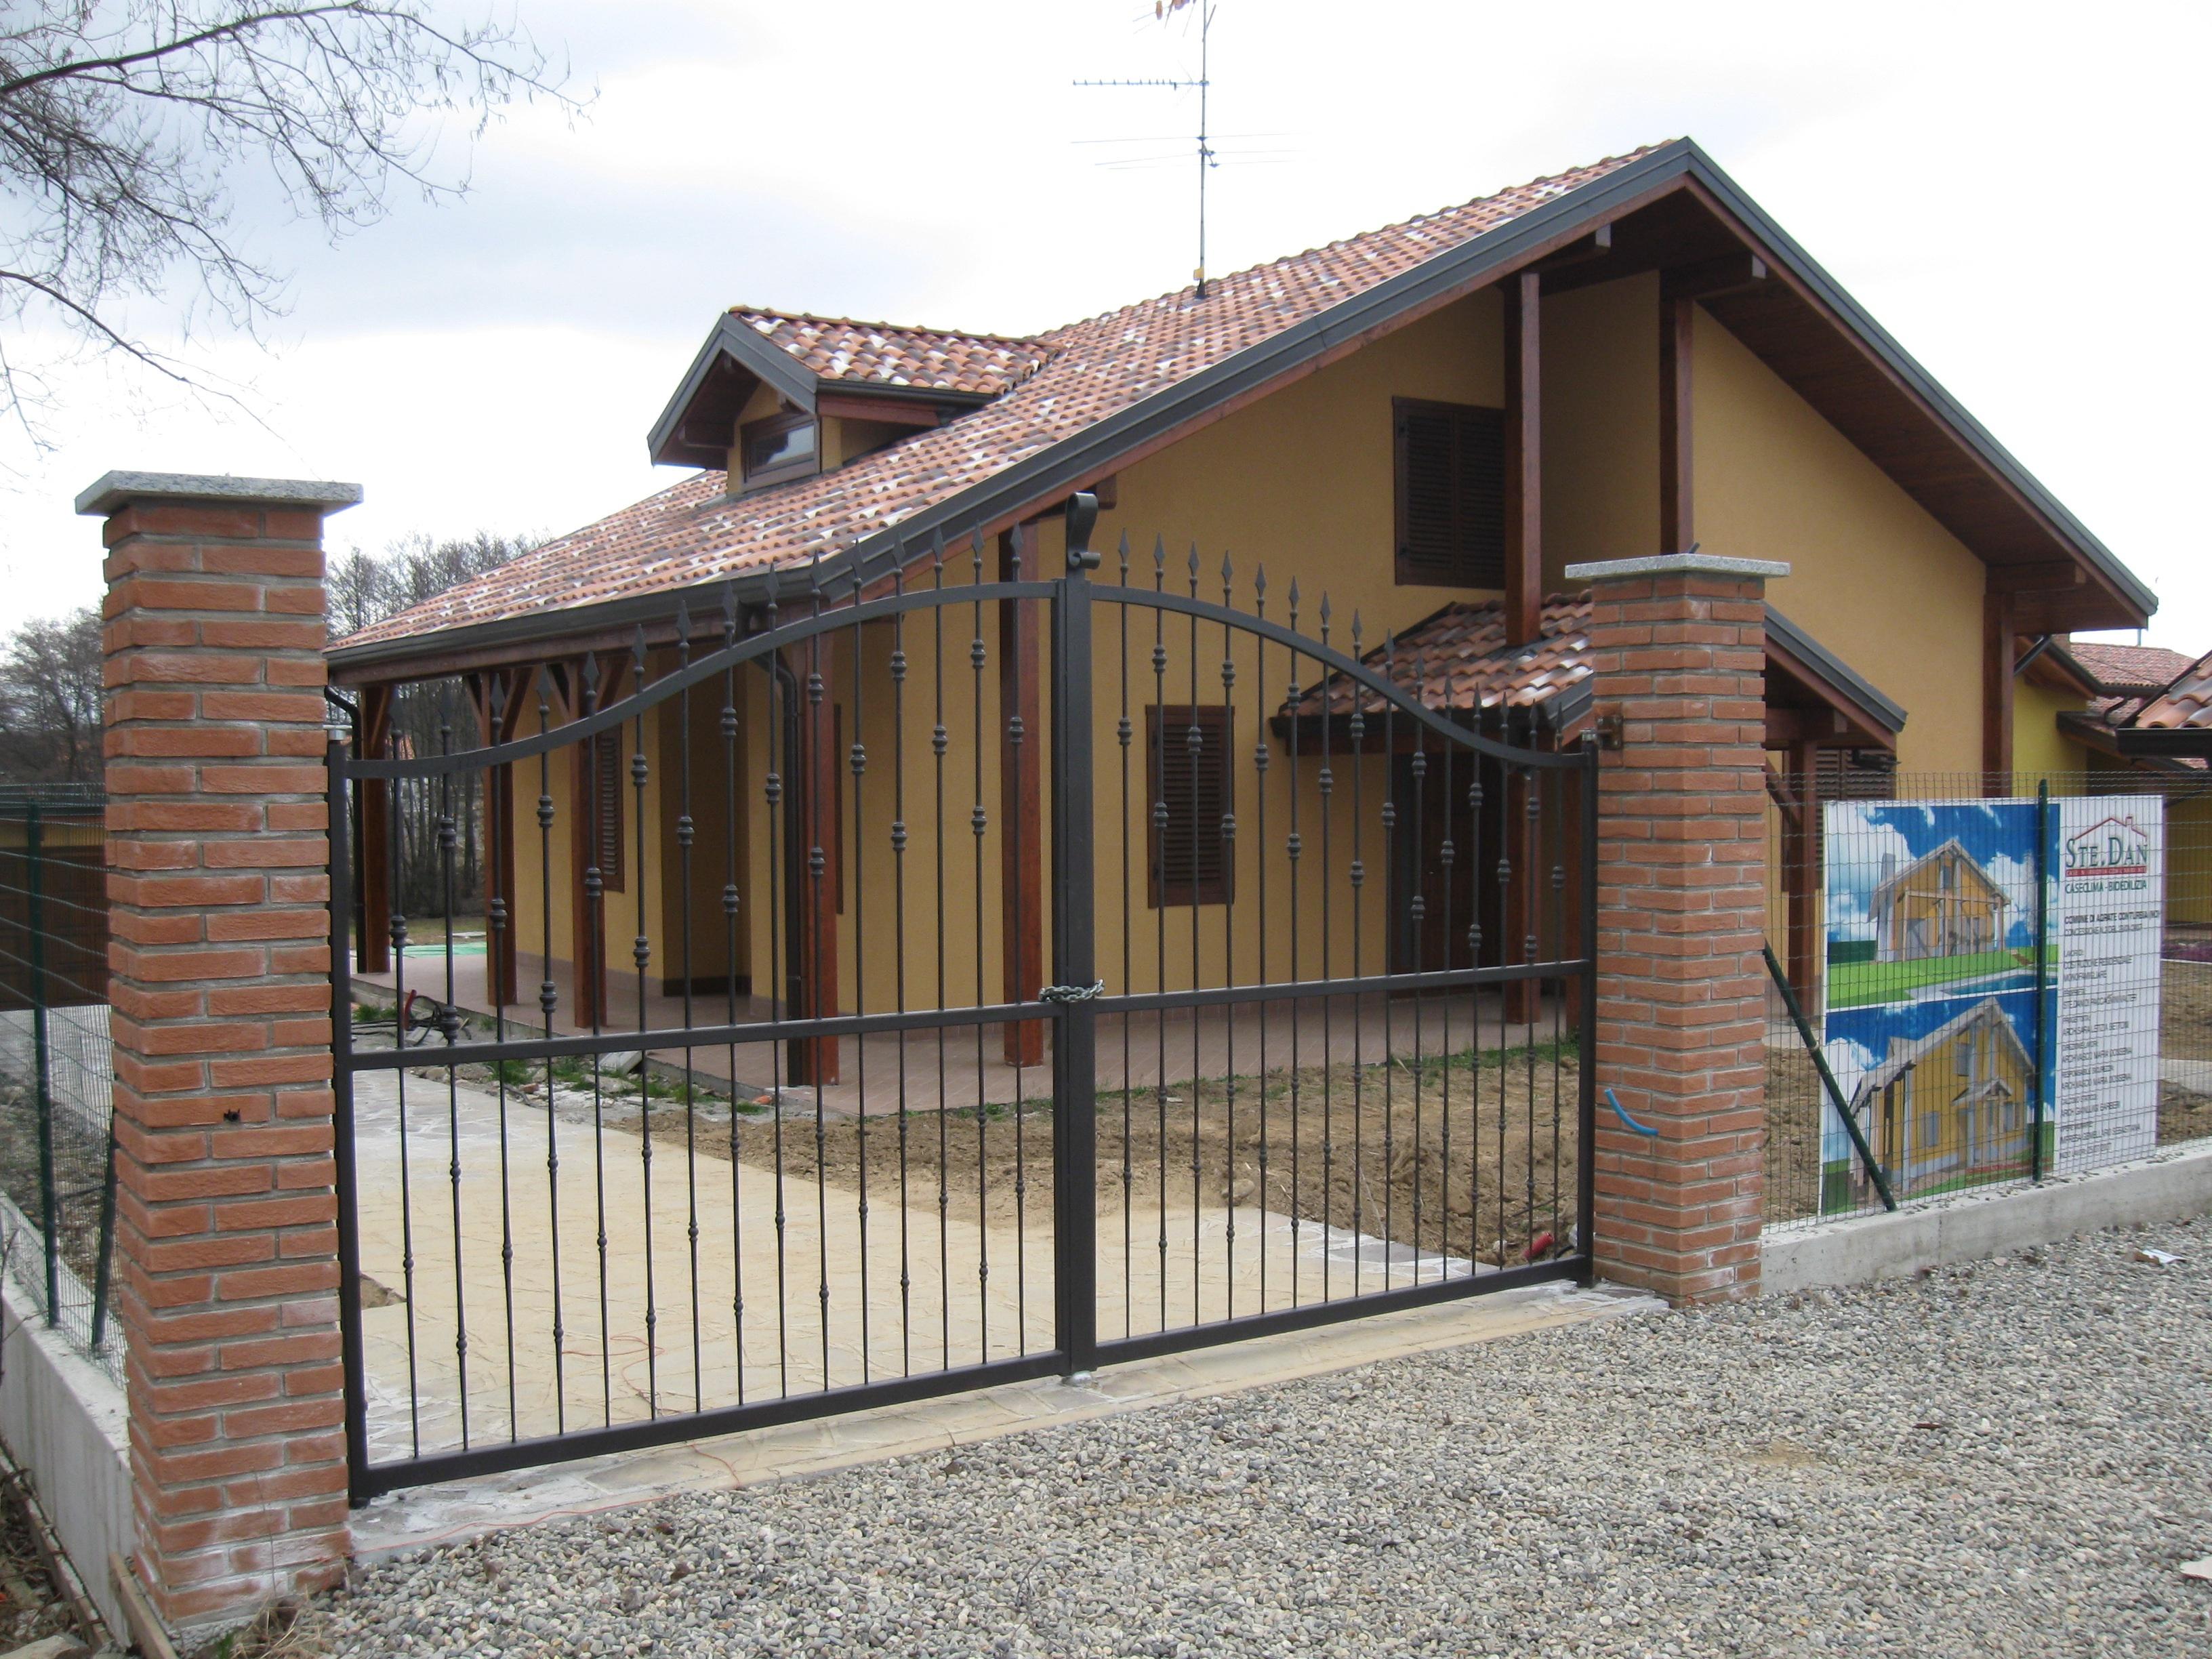 Ste dan klima haus eco case a basso consumo energetico for Villa prefabbricata prezzi